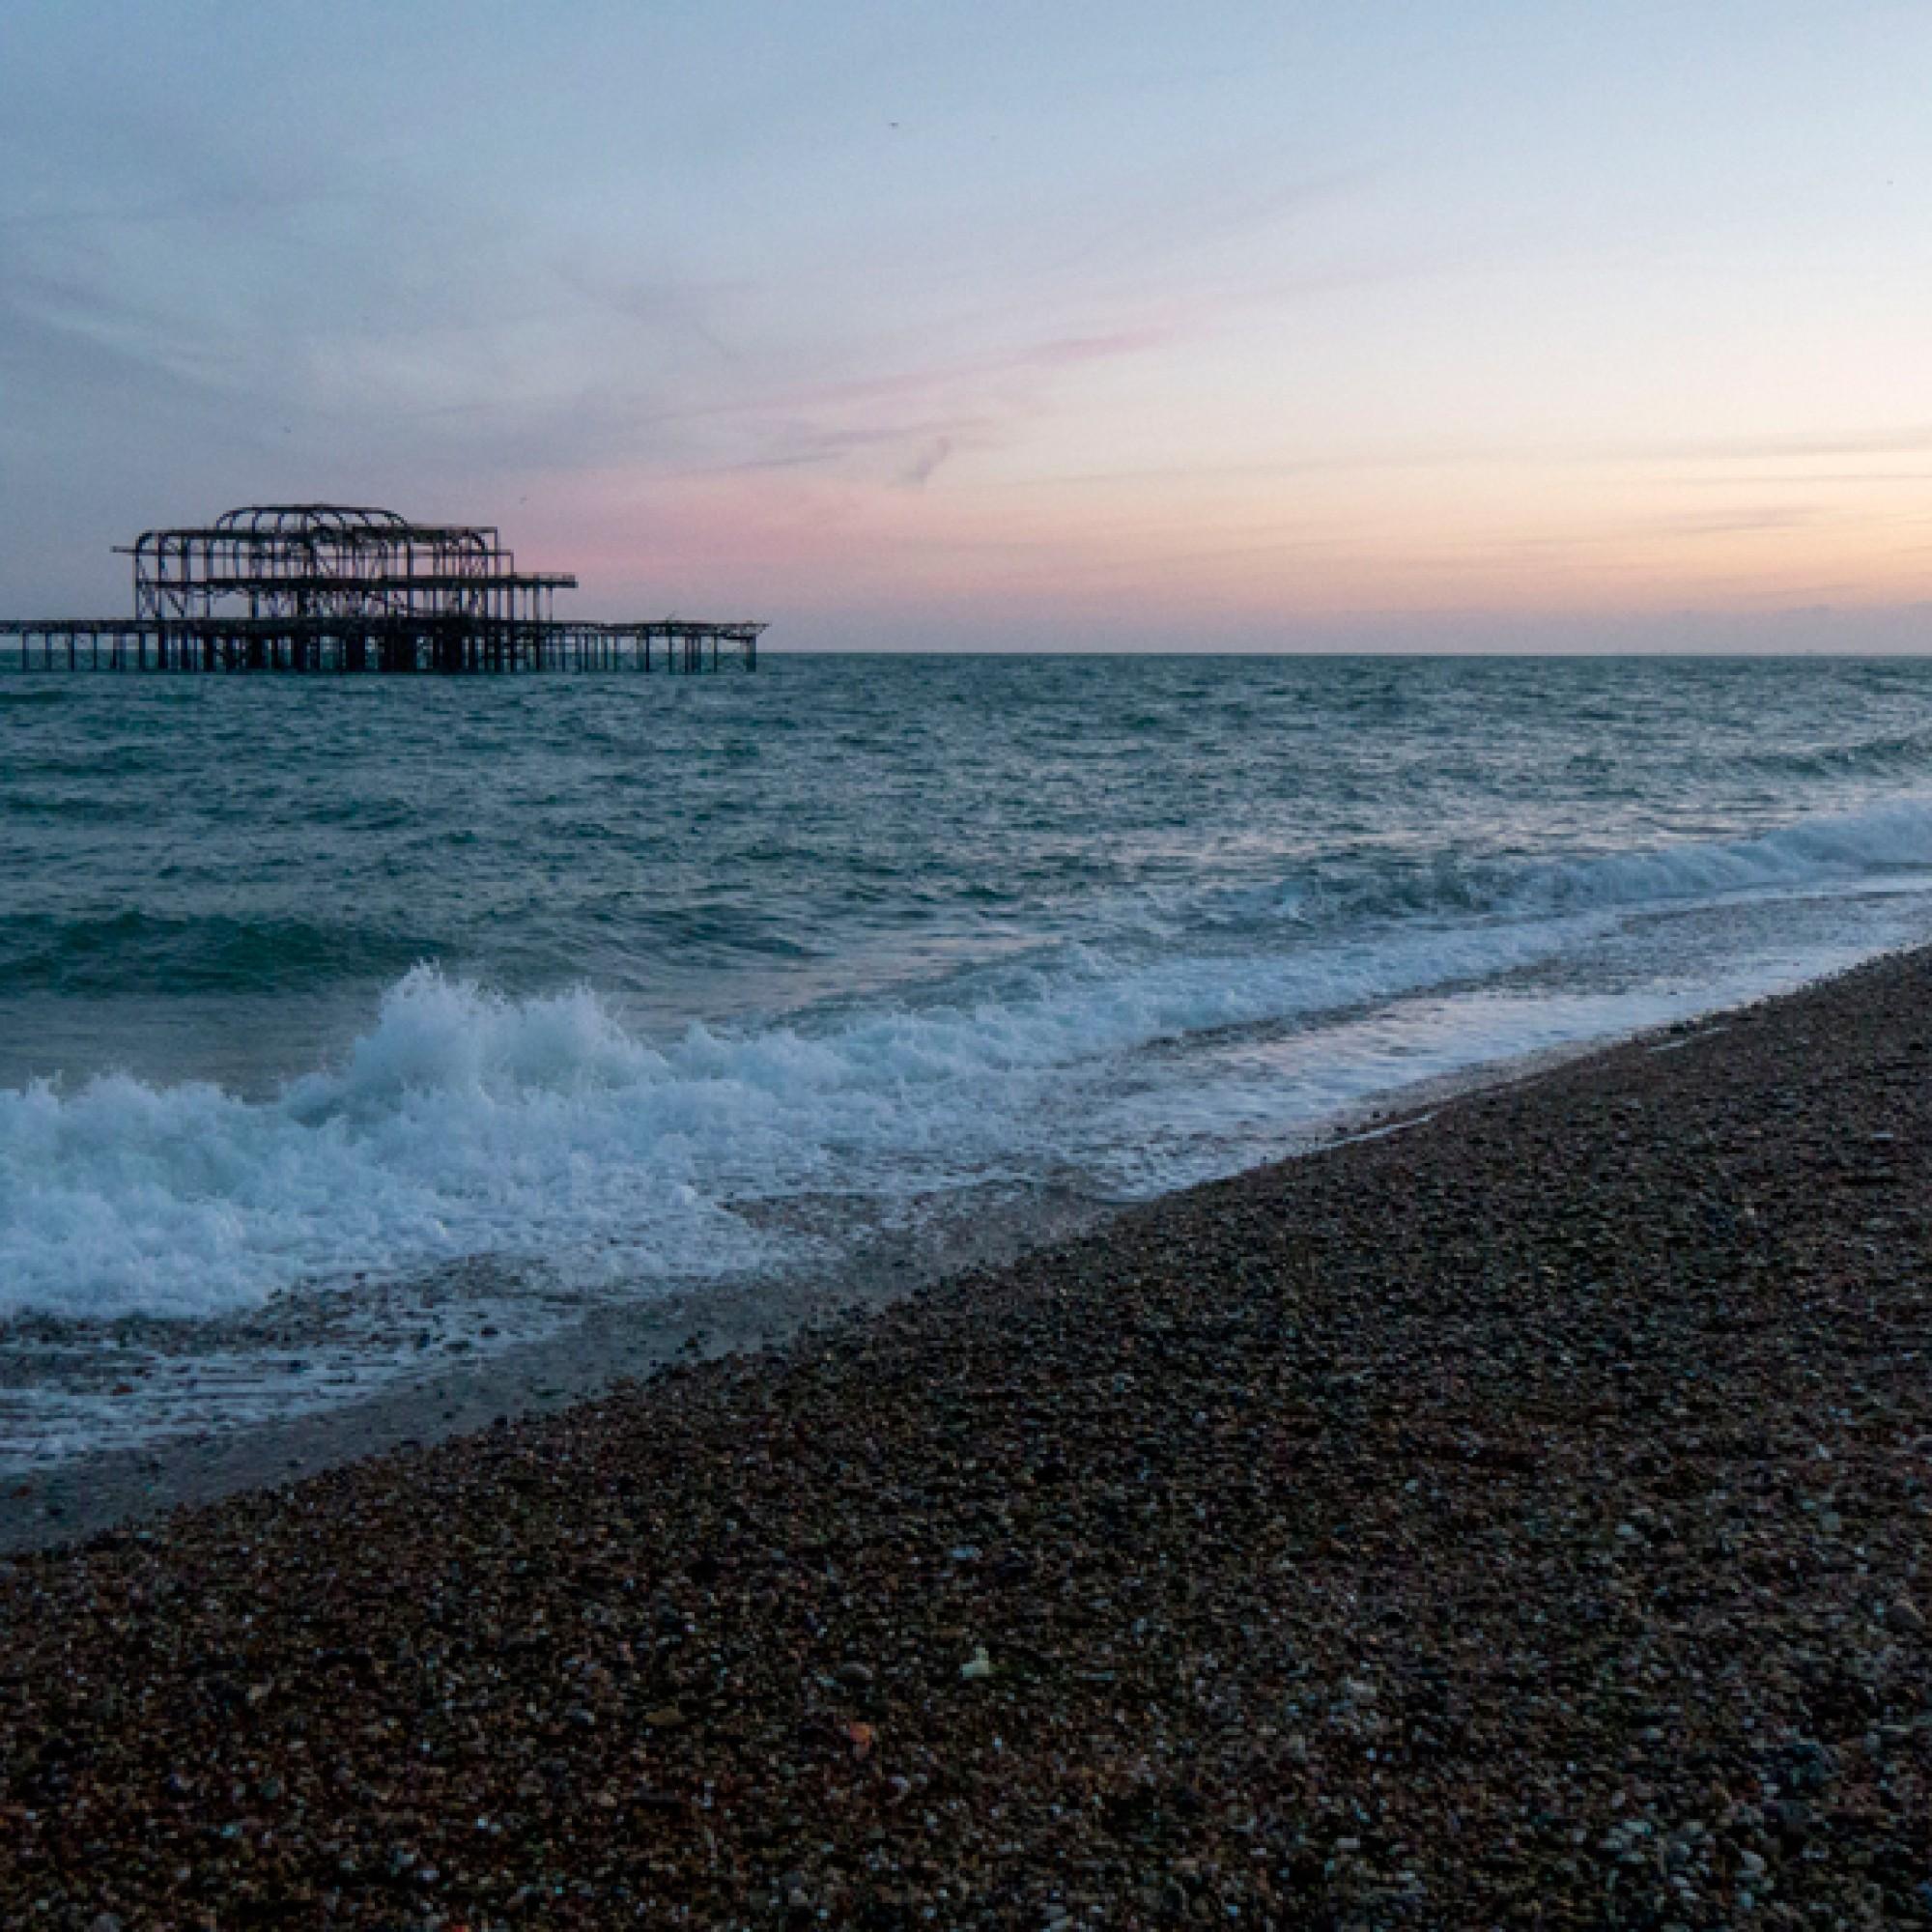 Zum teuer, um ihn in Stand zu setzen: Der Pier West vor der Küste Brightons. (Bryan Ladgard, flickr, CC)